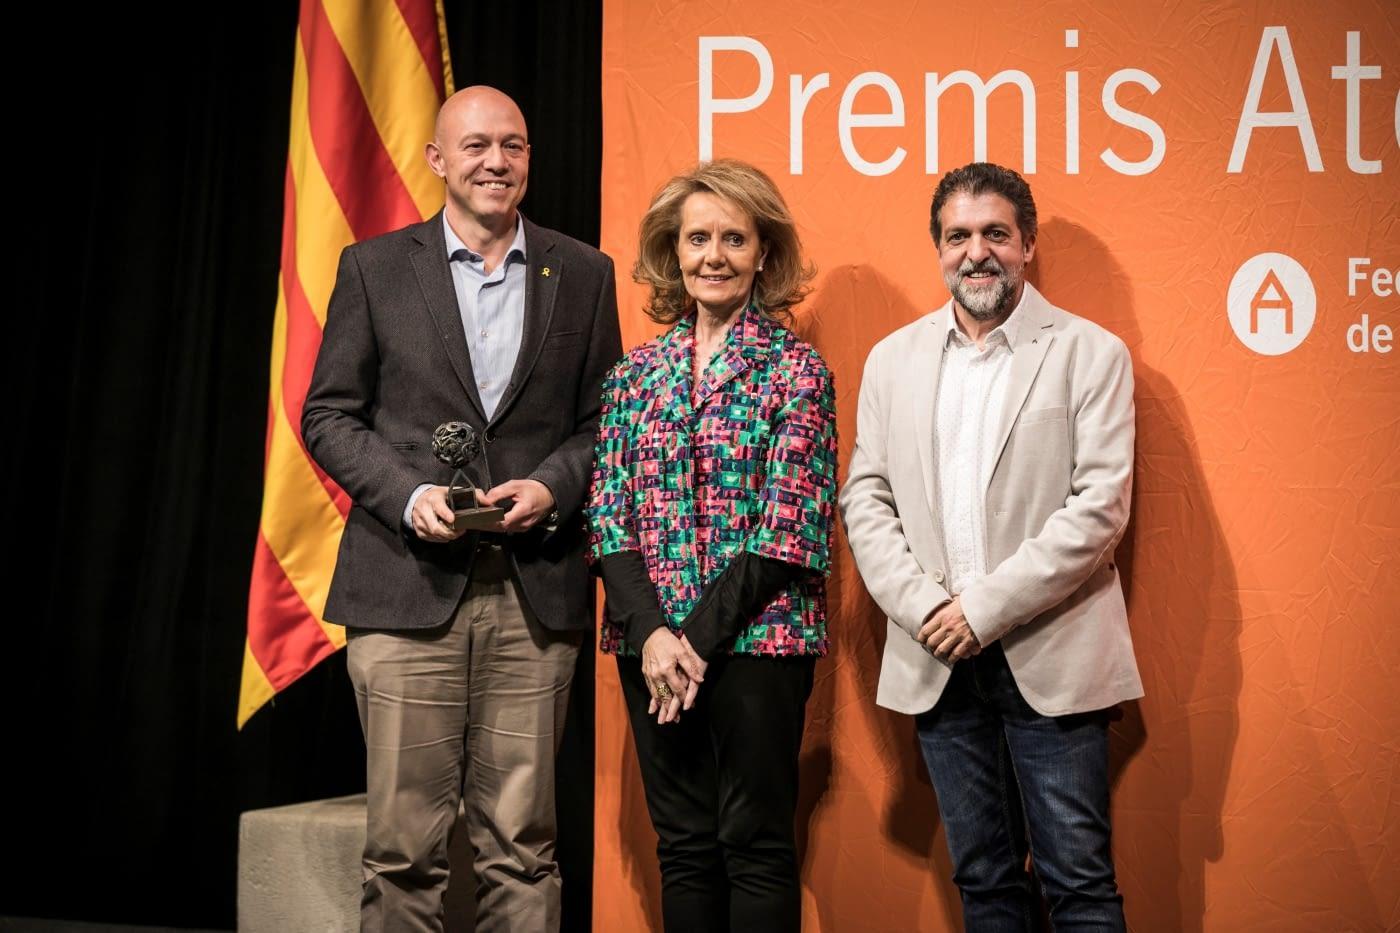 'JUNTS', iniciativa conjunta de Aspid i l'Orfeó Lleidatà, Premio Ateneus a la capacidad de innovación